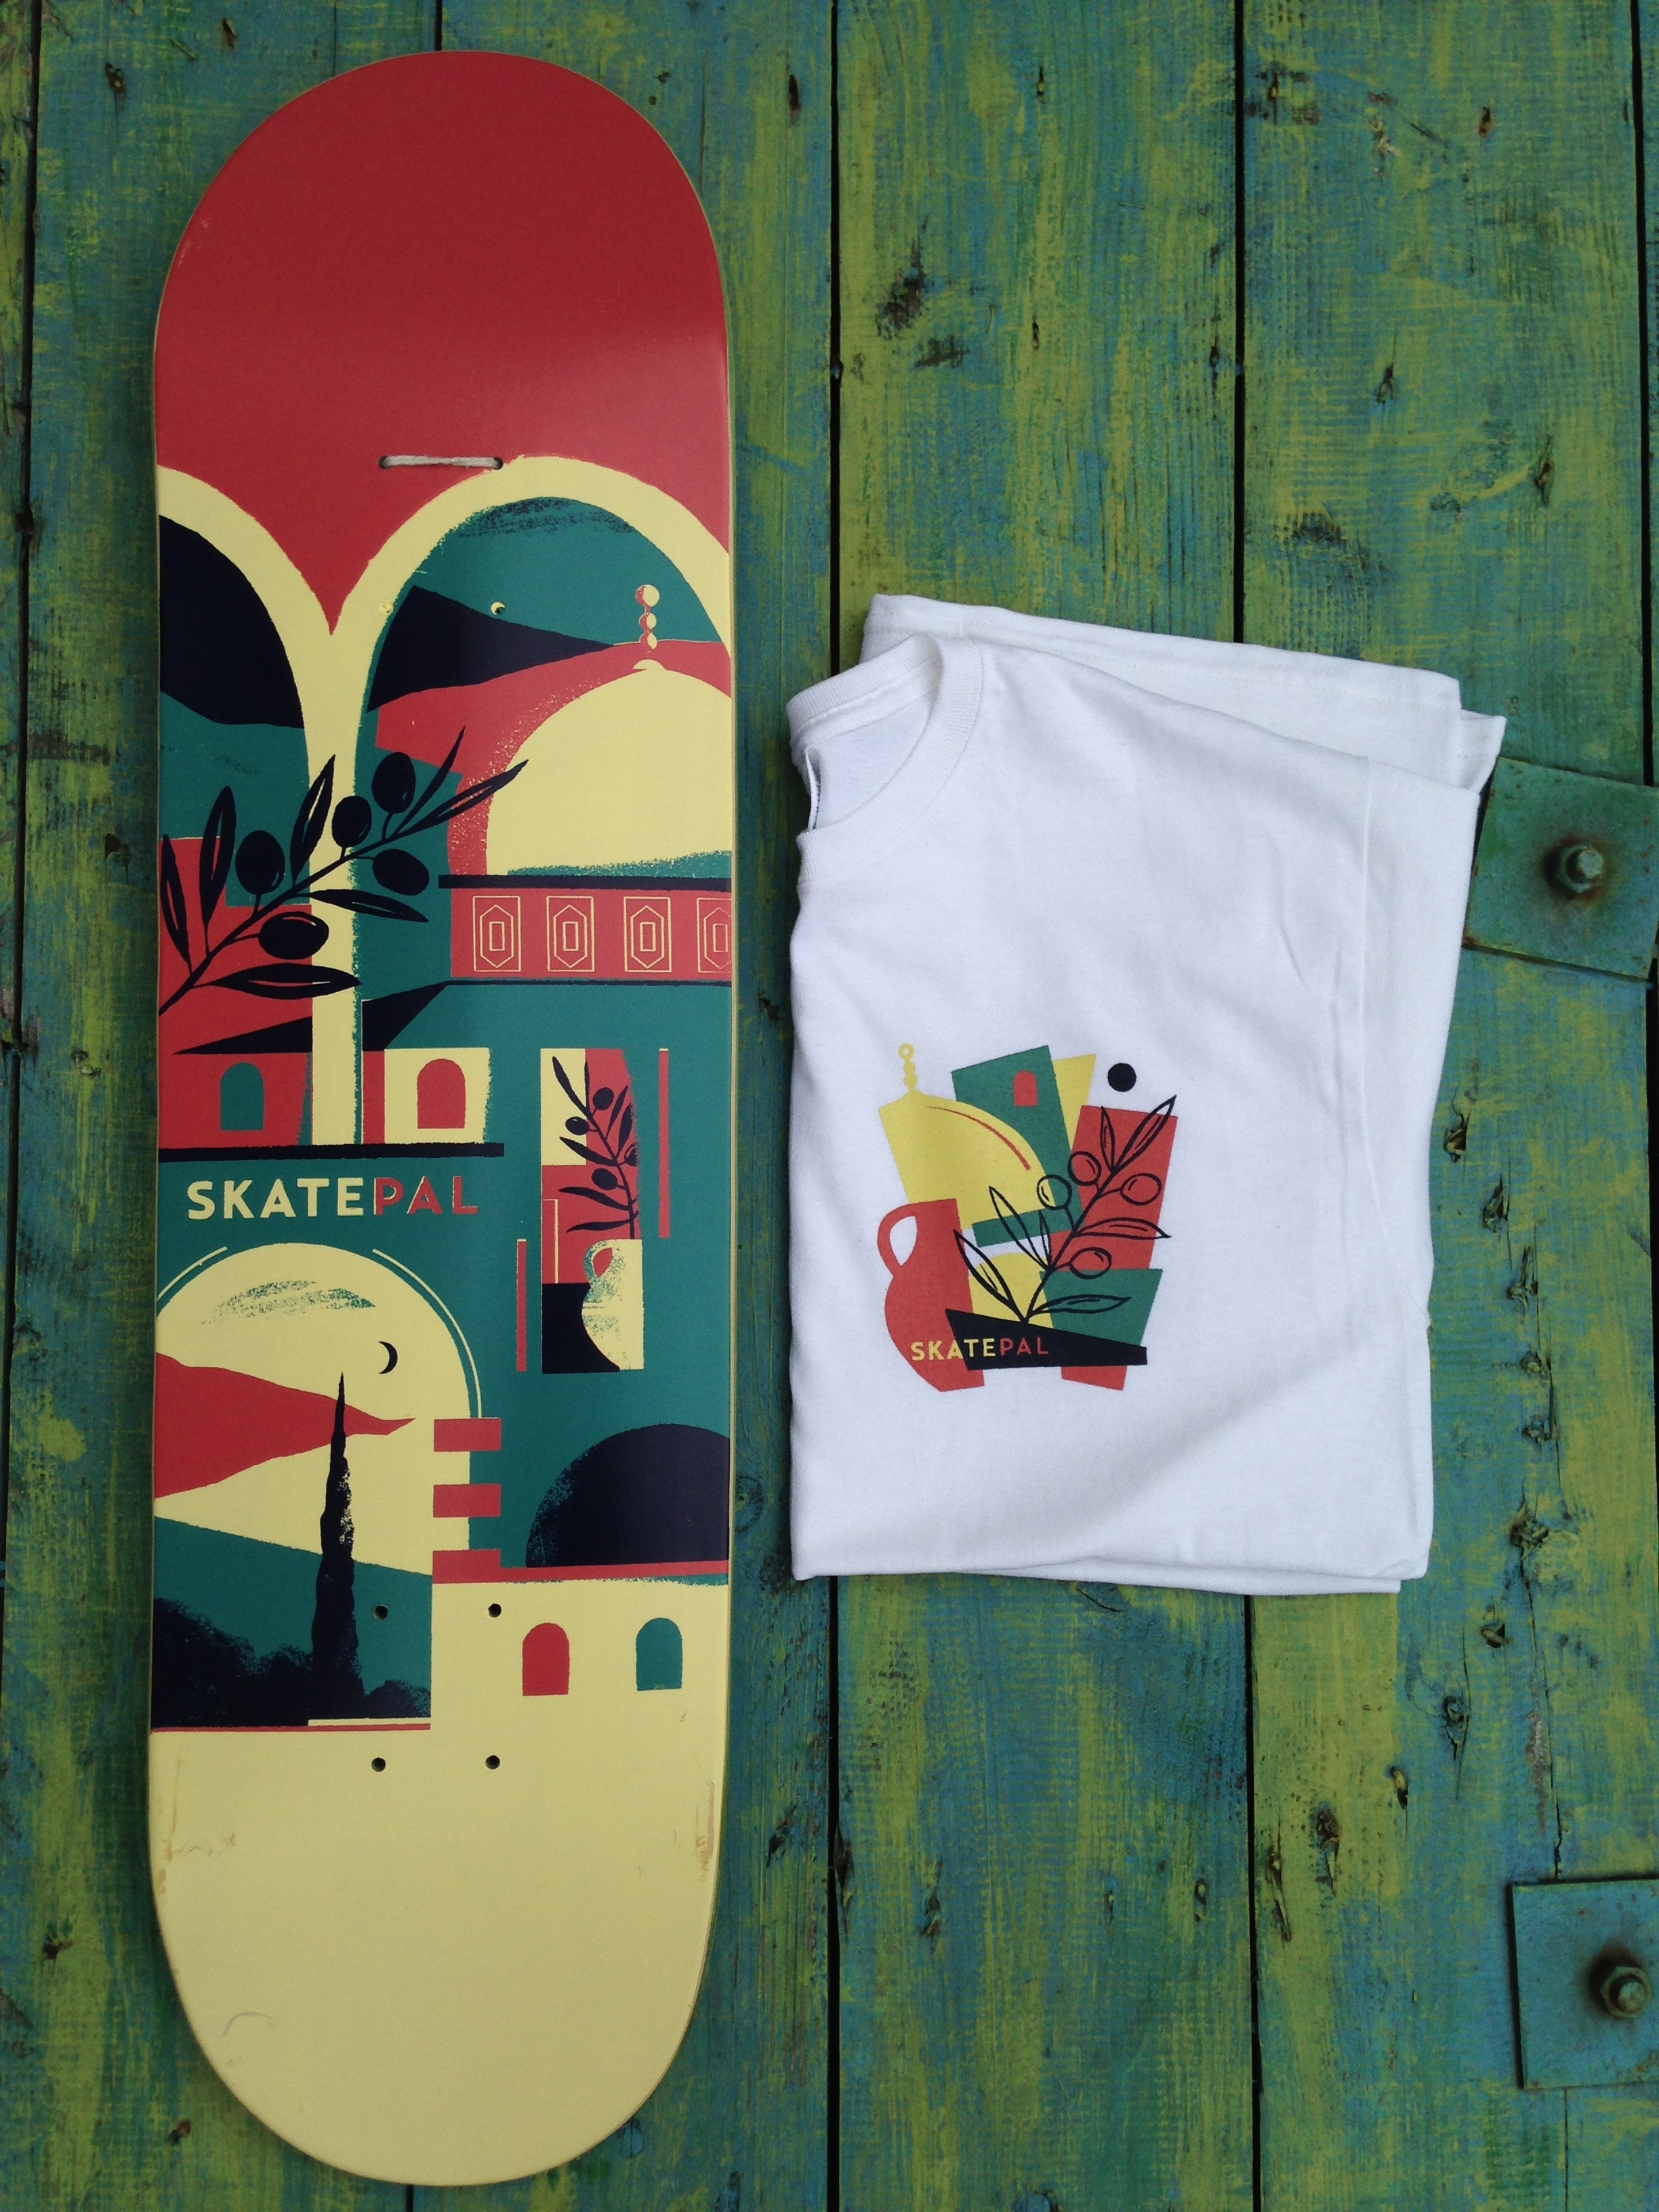 Dan's SkatePal deck and t-shirt design.